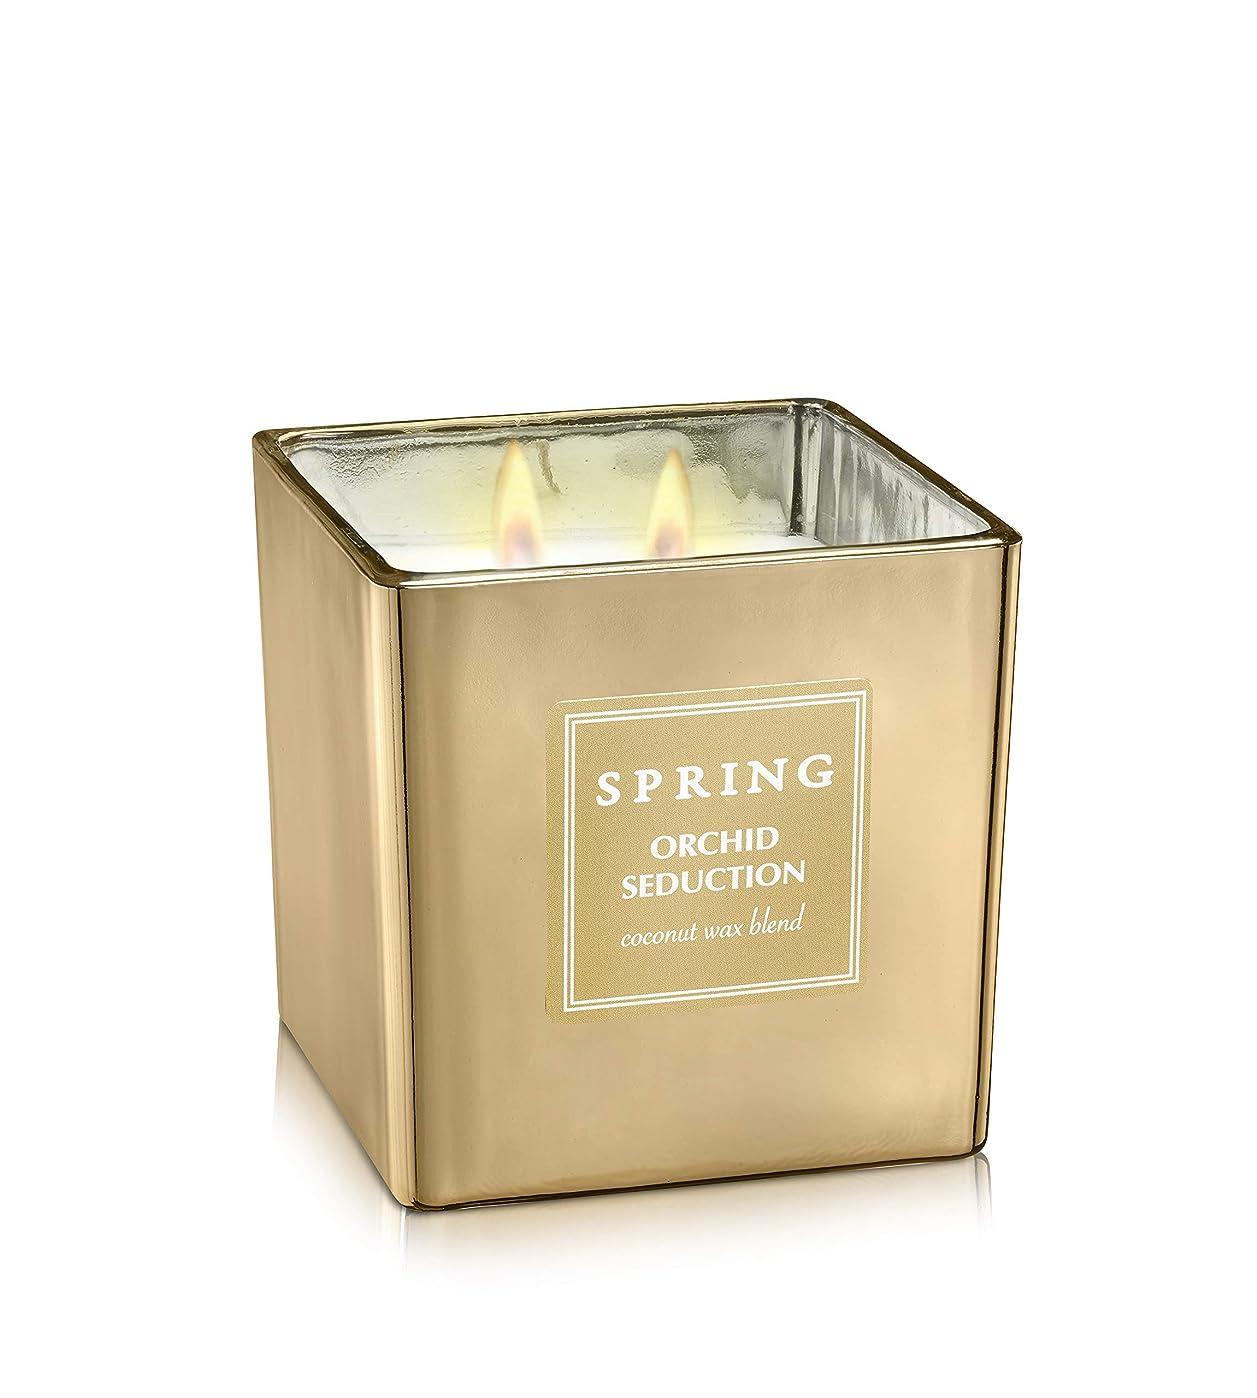 興奮スカリー再開ばね香りつきラグジュアリーCoconutワックスGolden Candle?–?Cubic?–?サイズ8?–?アルプスの花ホームデコレーション Cubic 8.5 oz